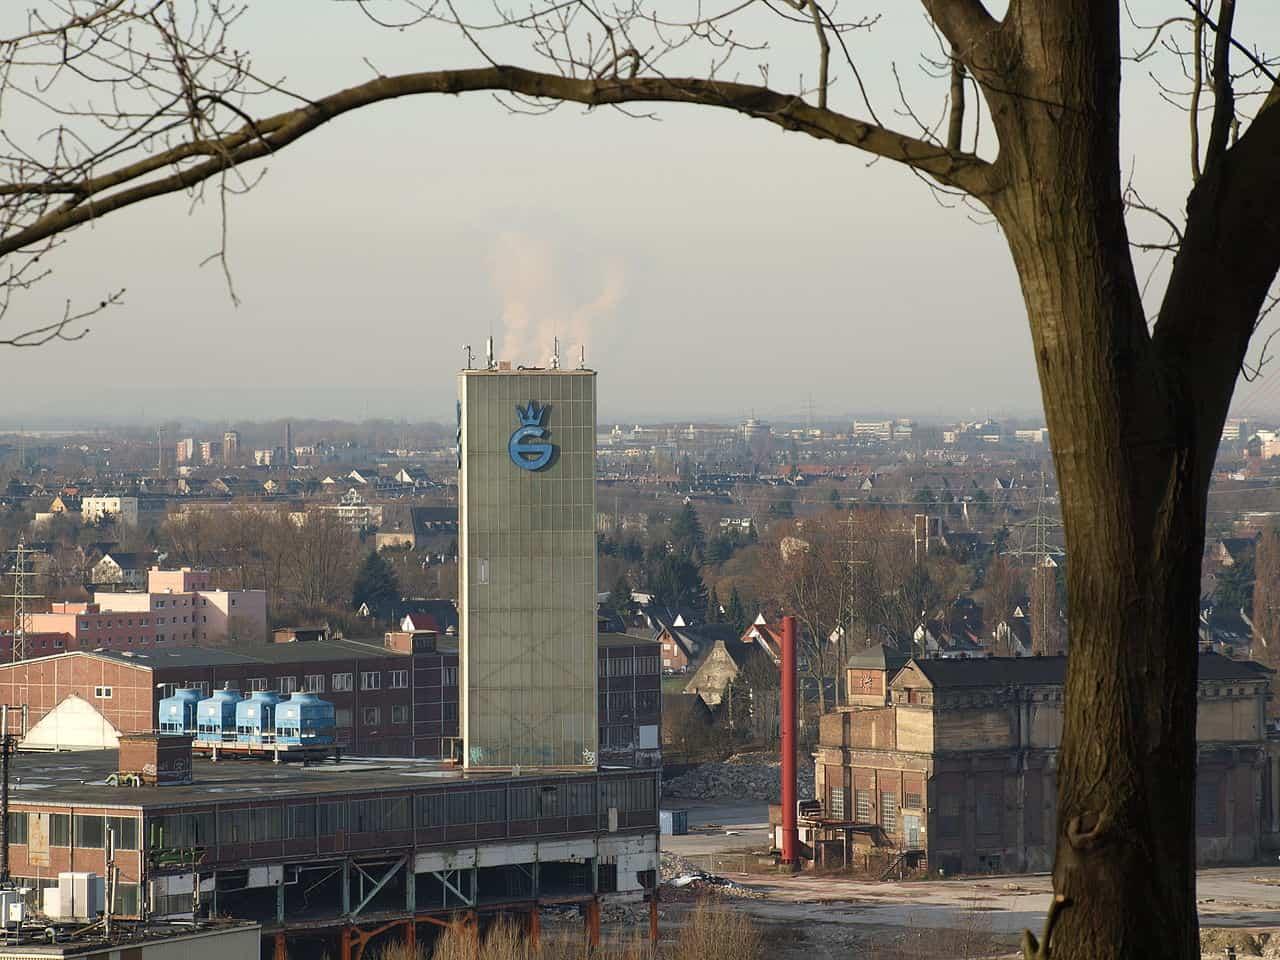 Blick auf das Gelände der Gerresheim Glashütte (Foto: via Wikimedia)